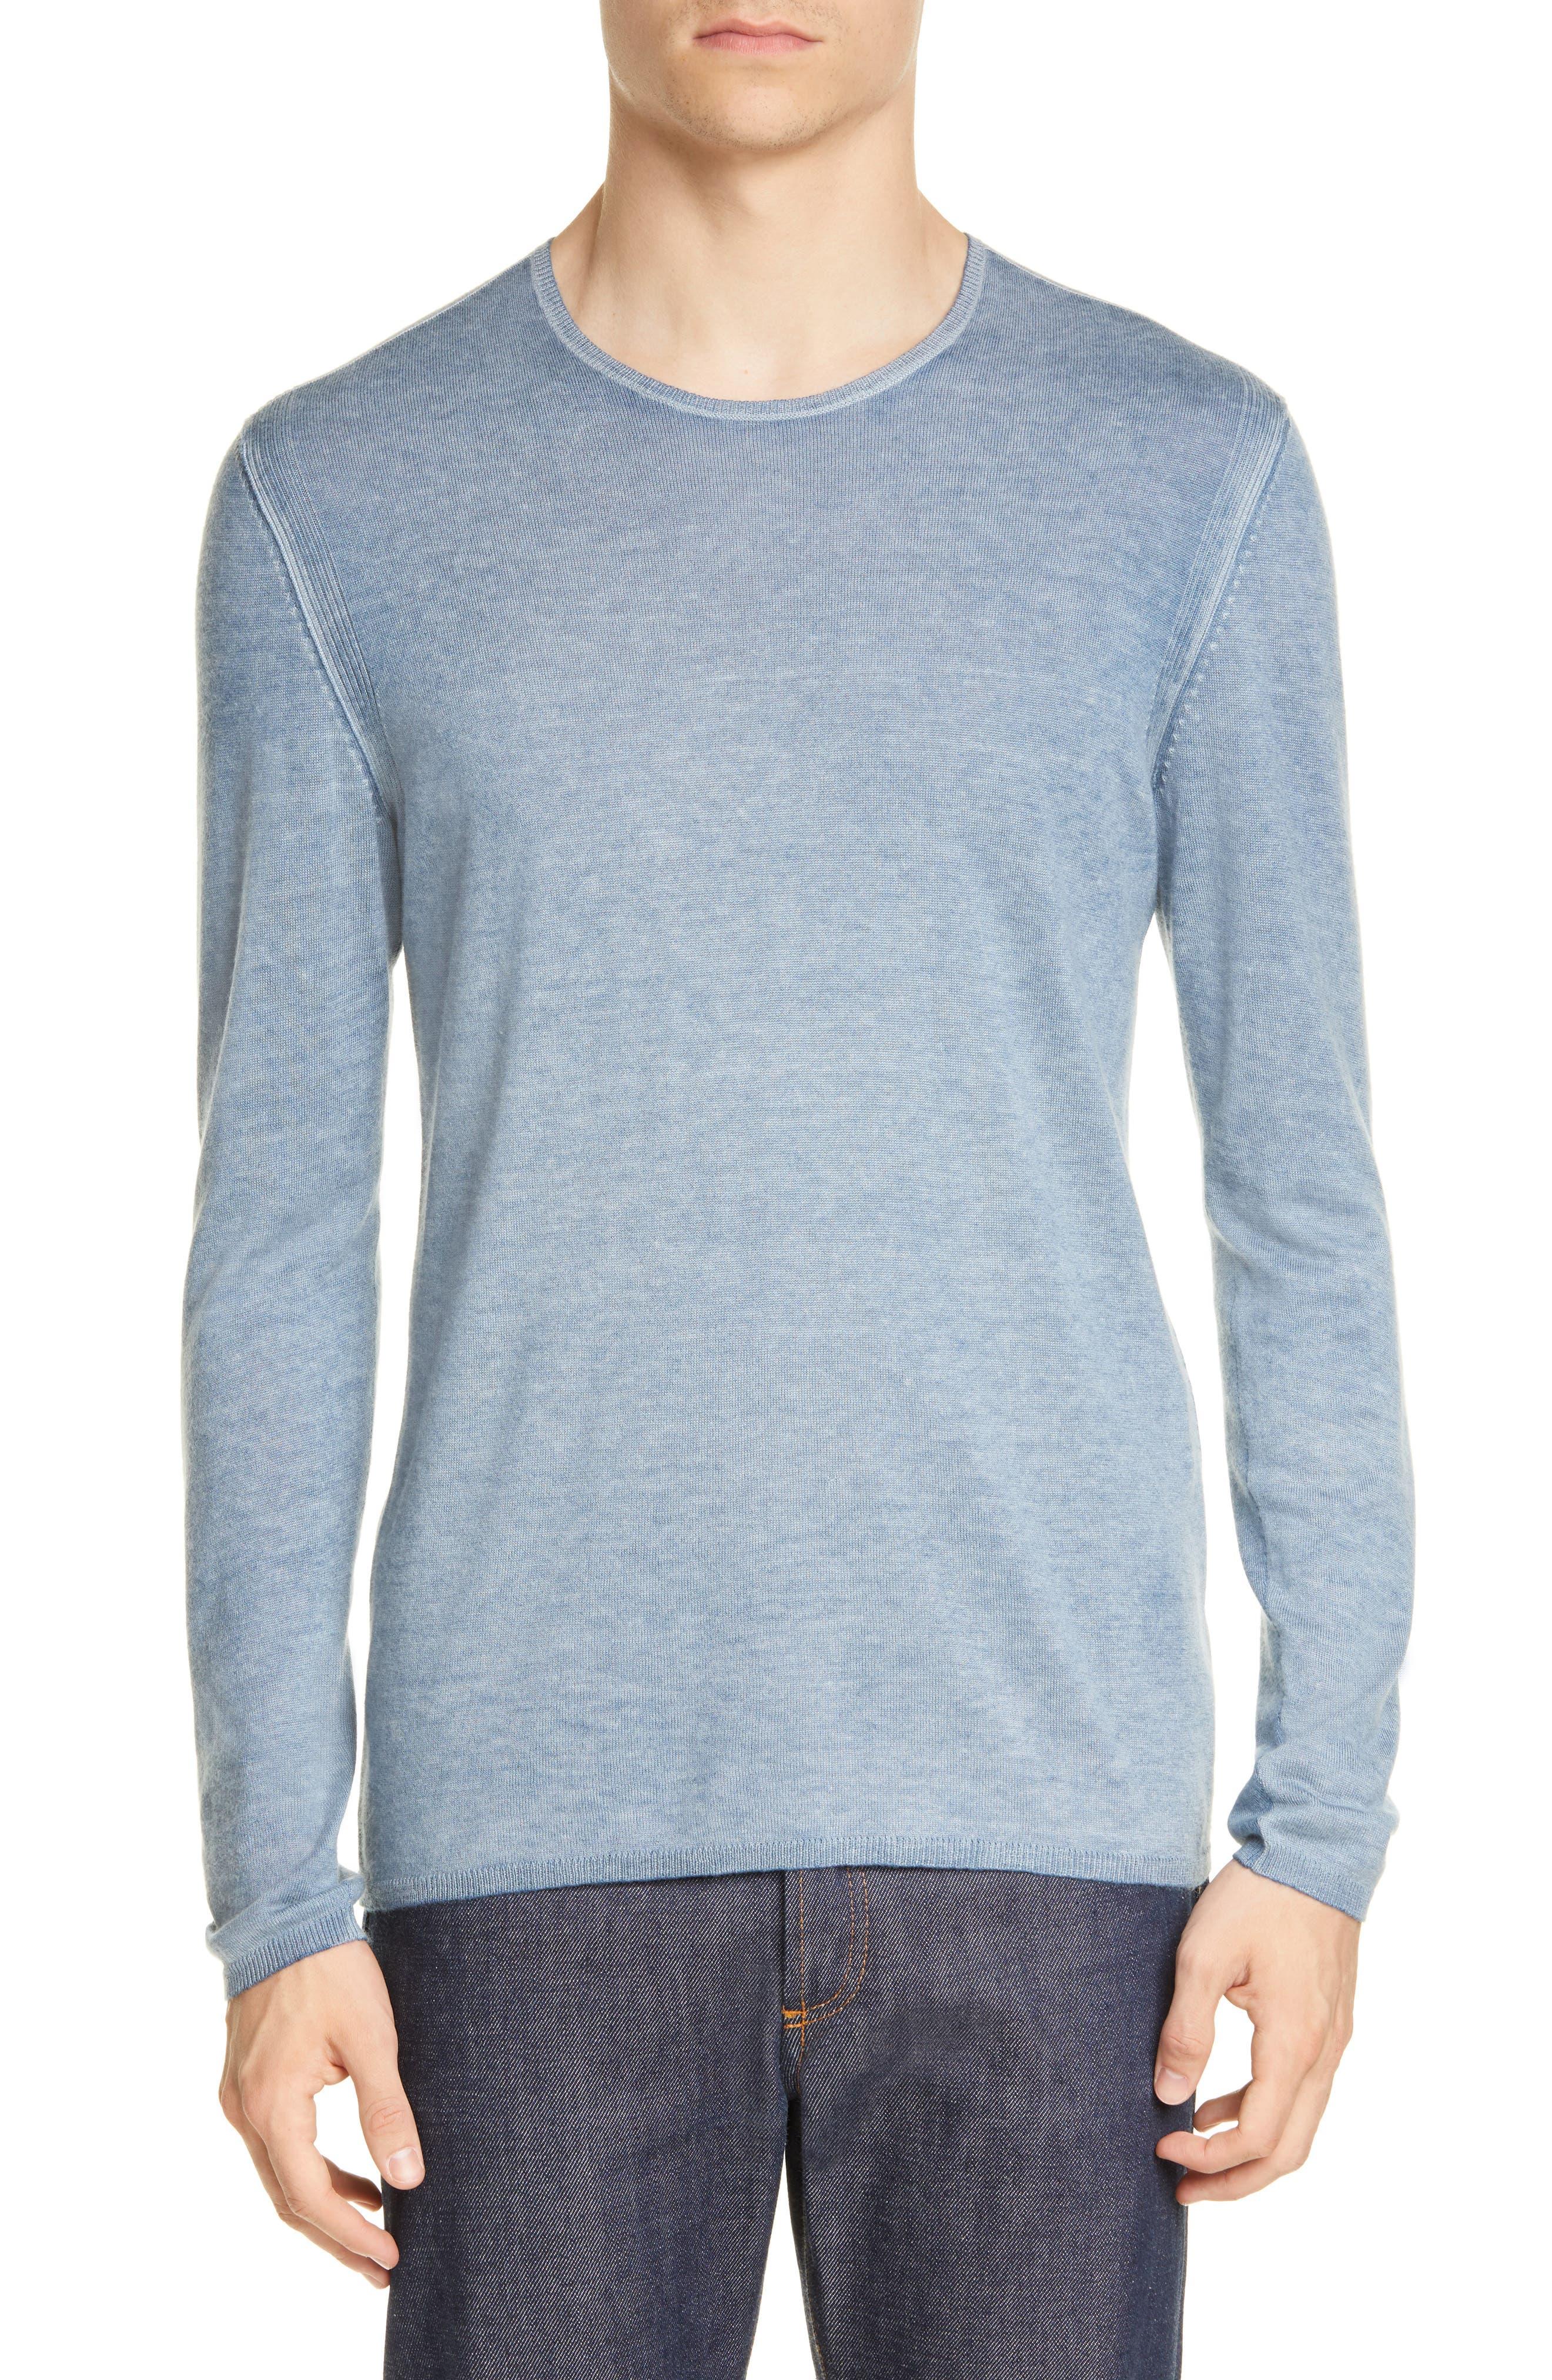 John Varvatos Sweaters Silk & Cashmere Crewneck Sweater